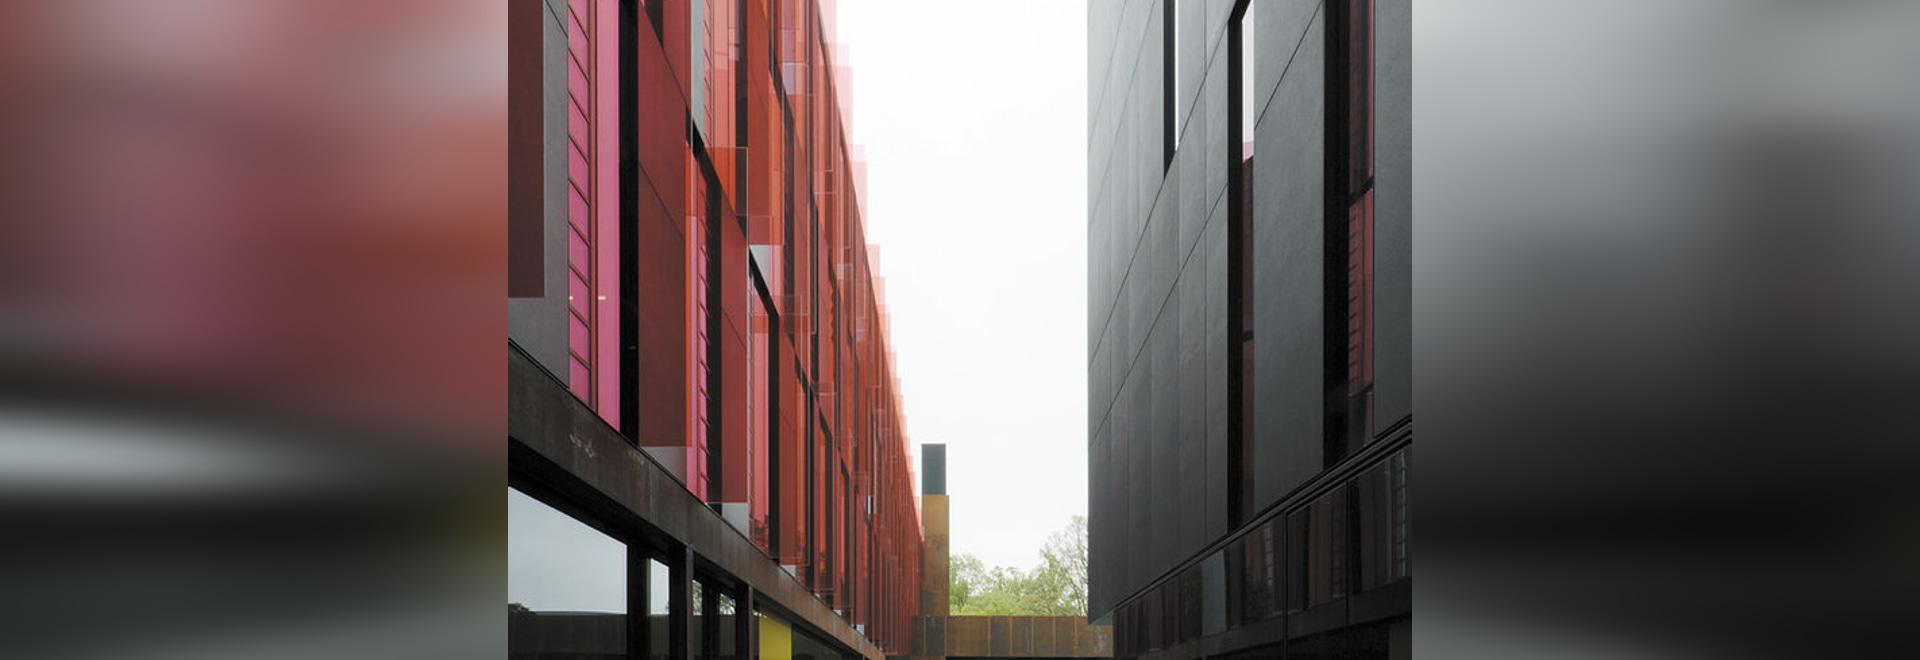 concrete skin facade